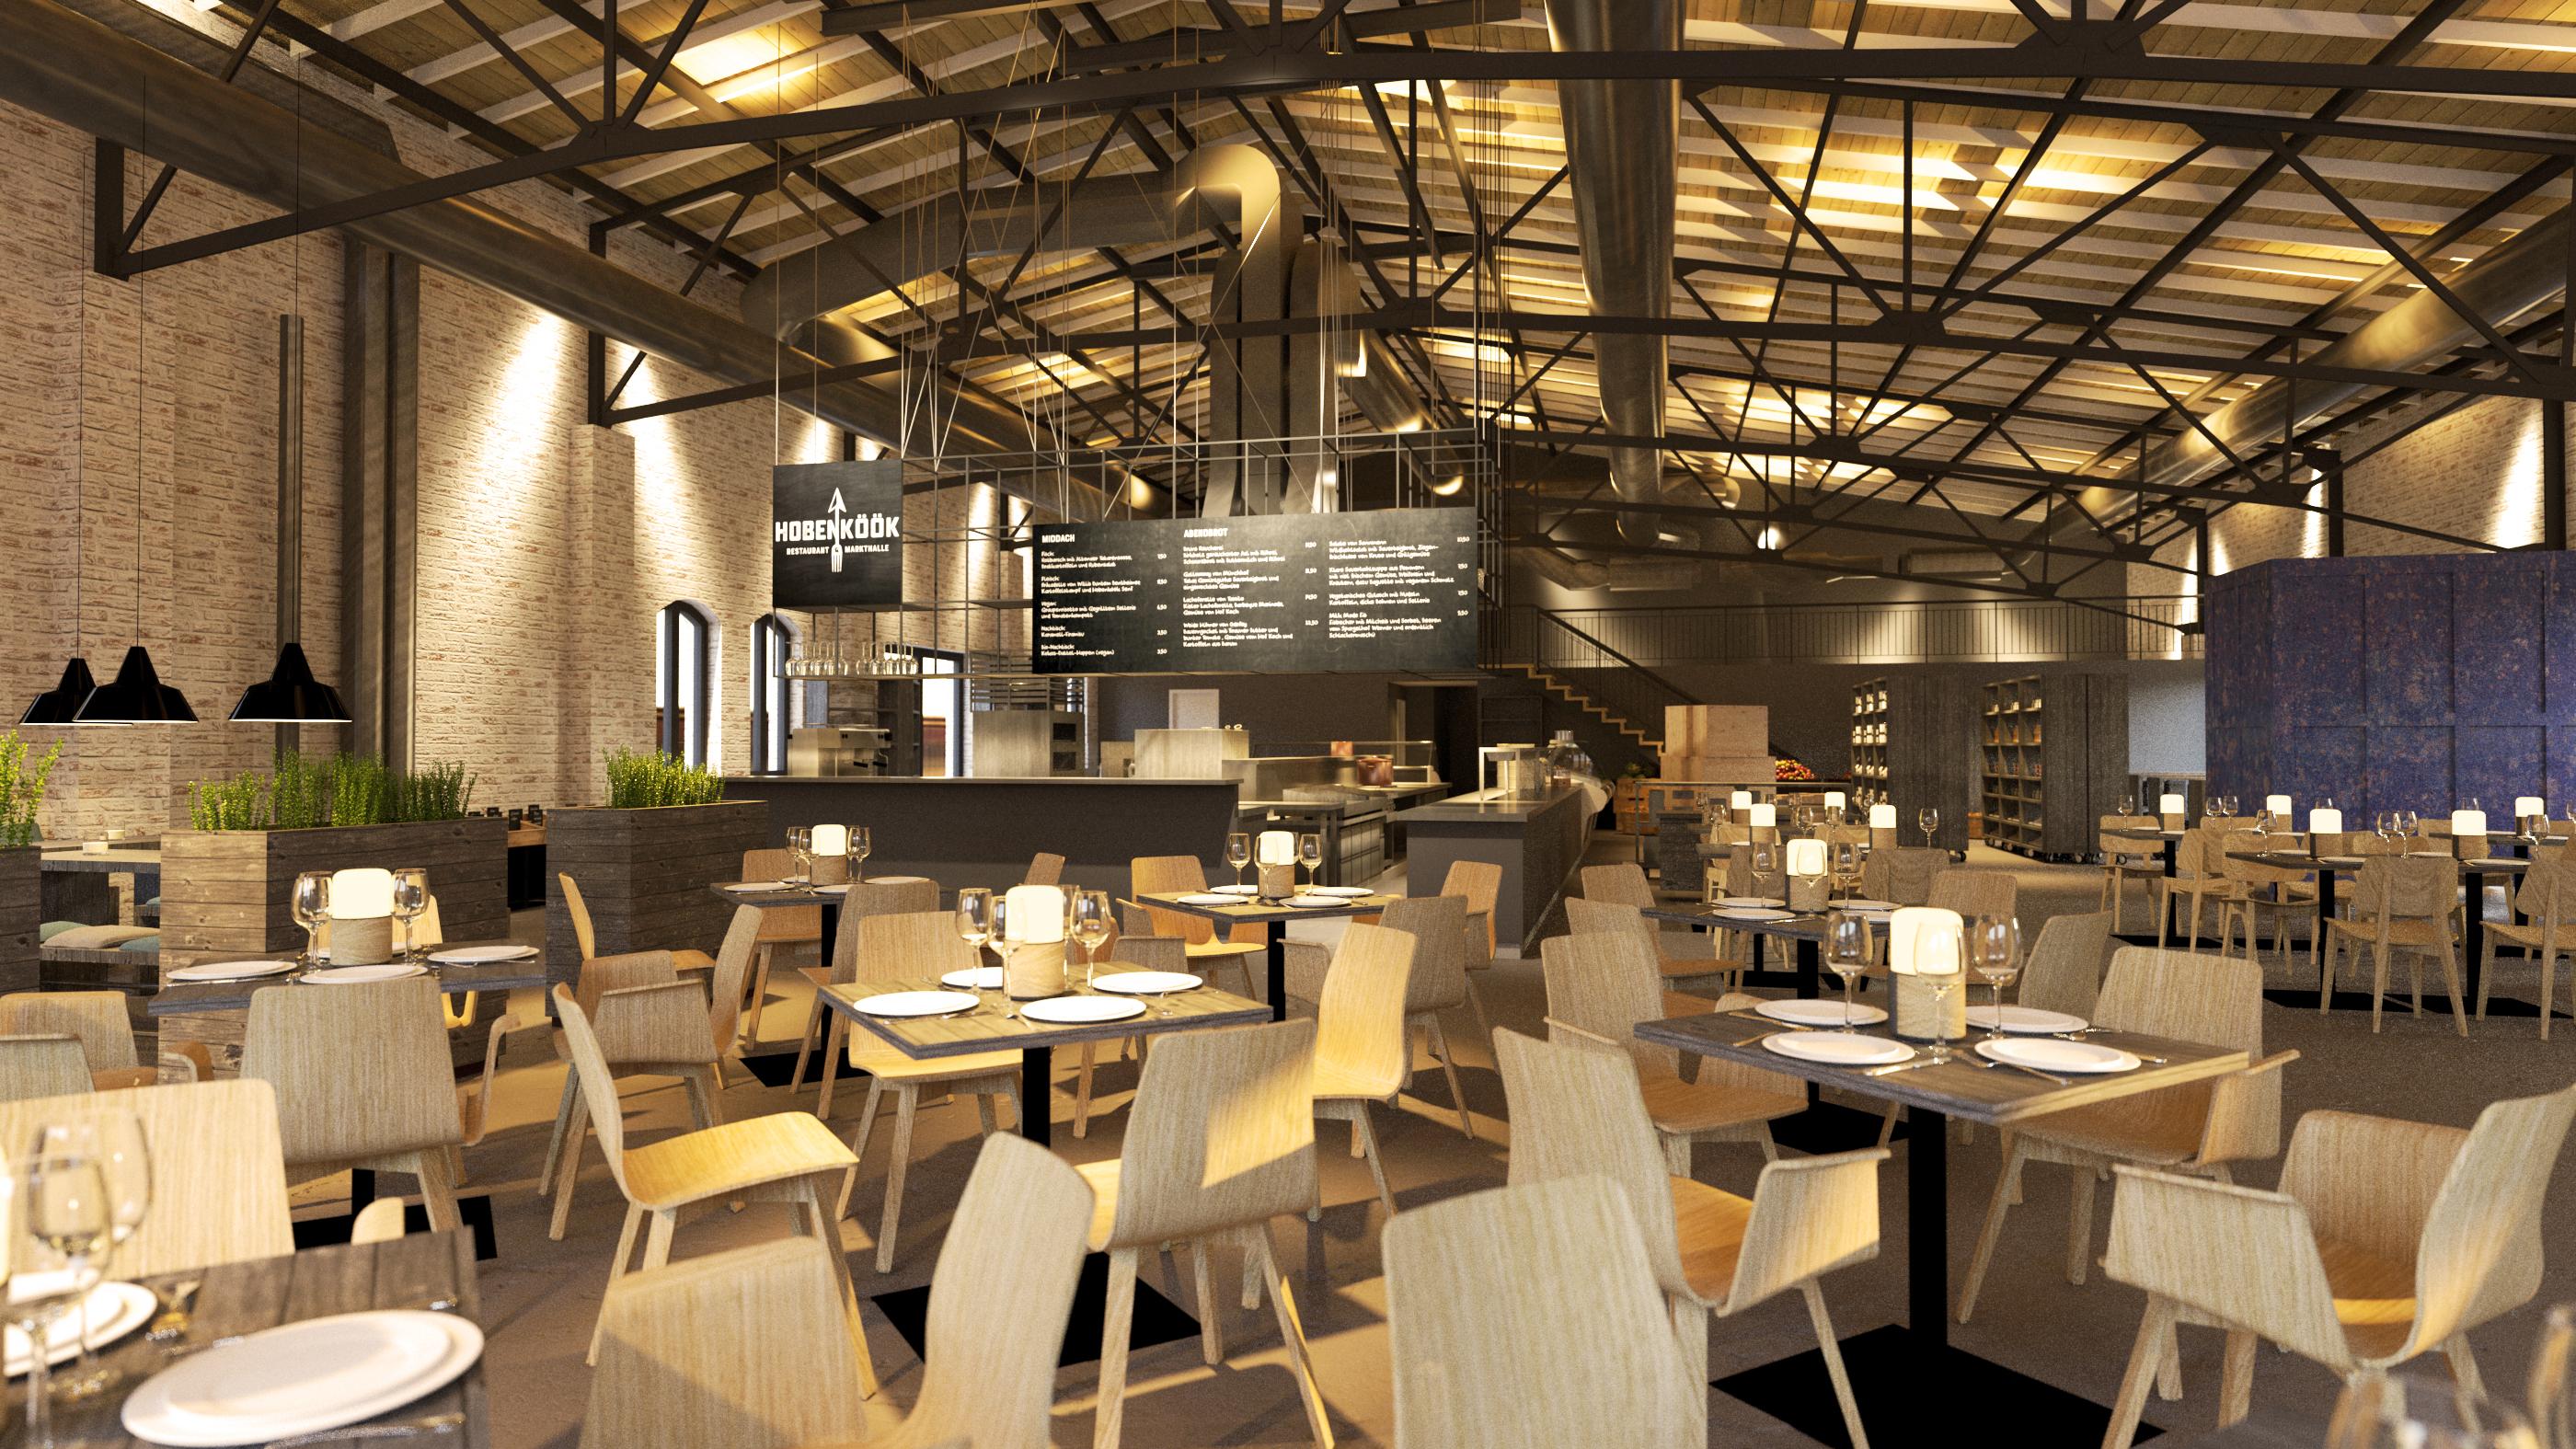 restaurant trifft auf markthalle das soft opening der hobenk k mit vergn gen hamburg. Black Bedroom Furniture Sets. Home Design Ideas